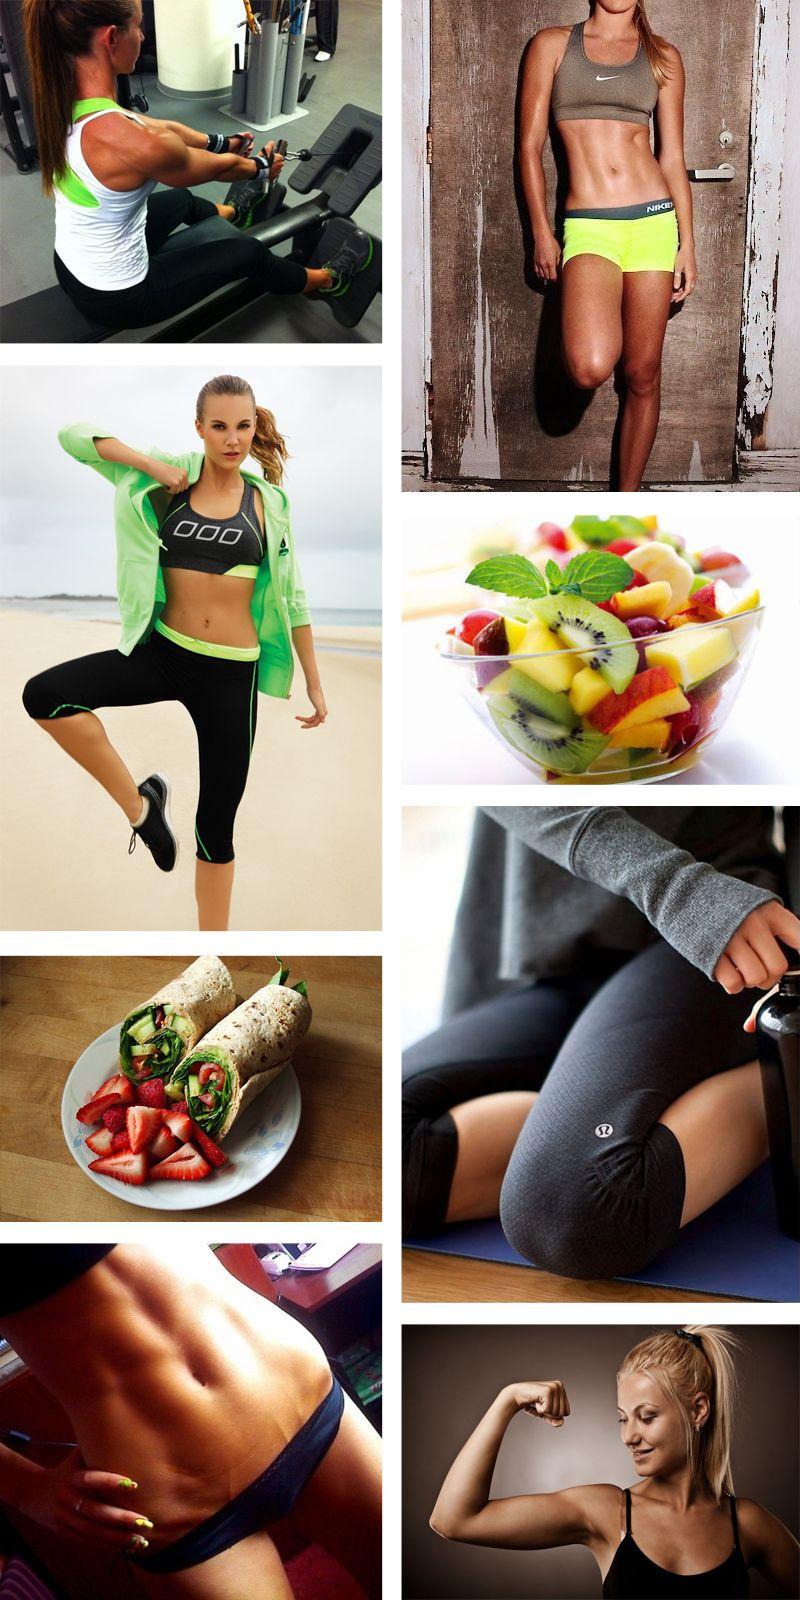 Питание для фитнеса для девушек: получи от тренировок максимум